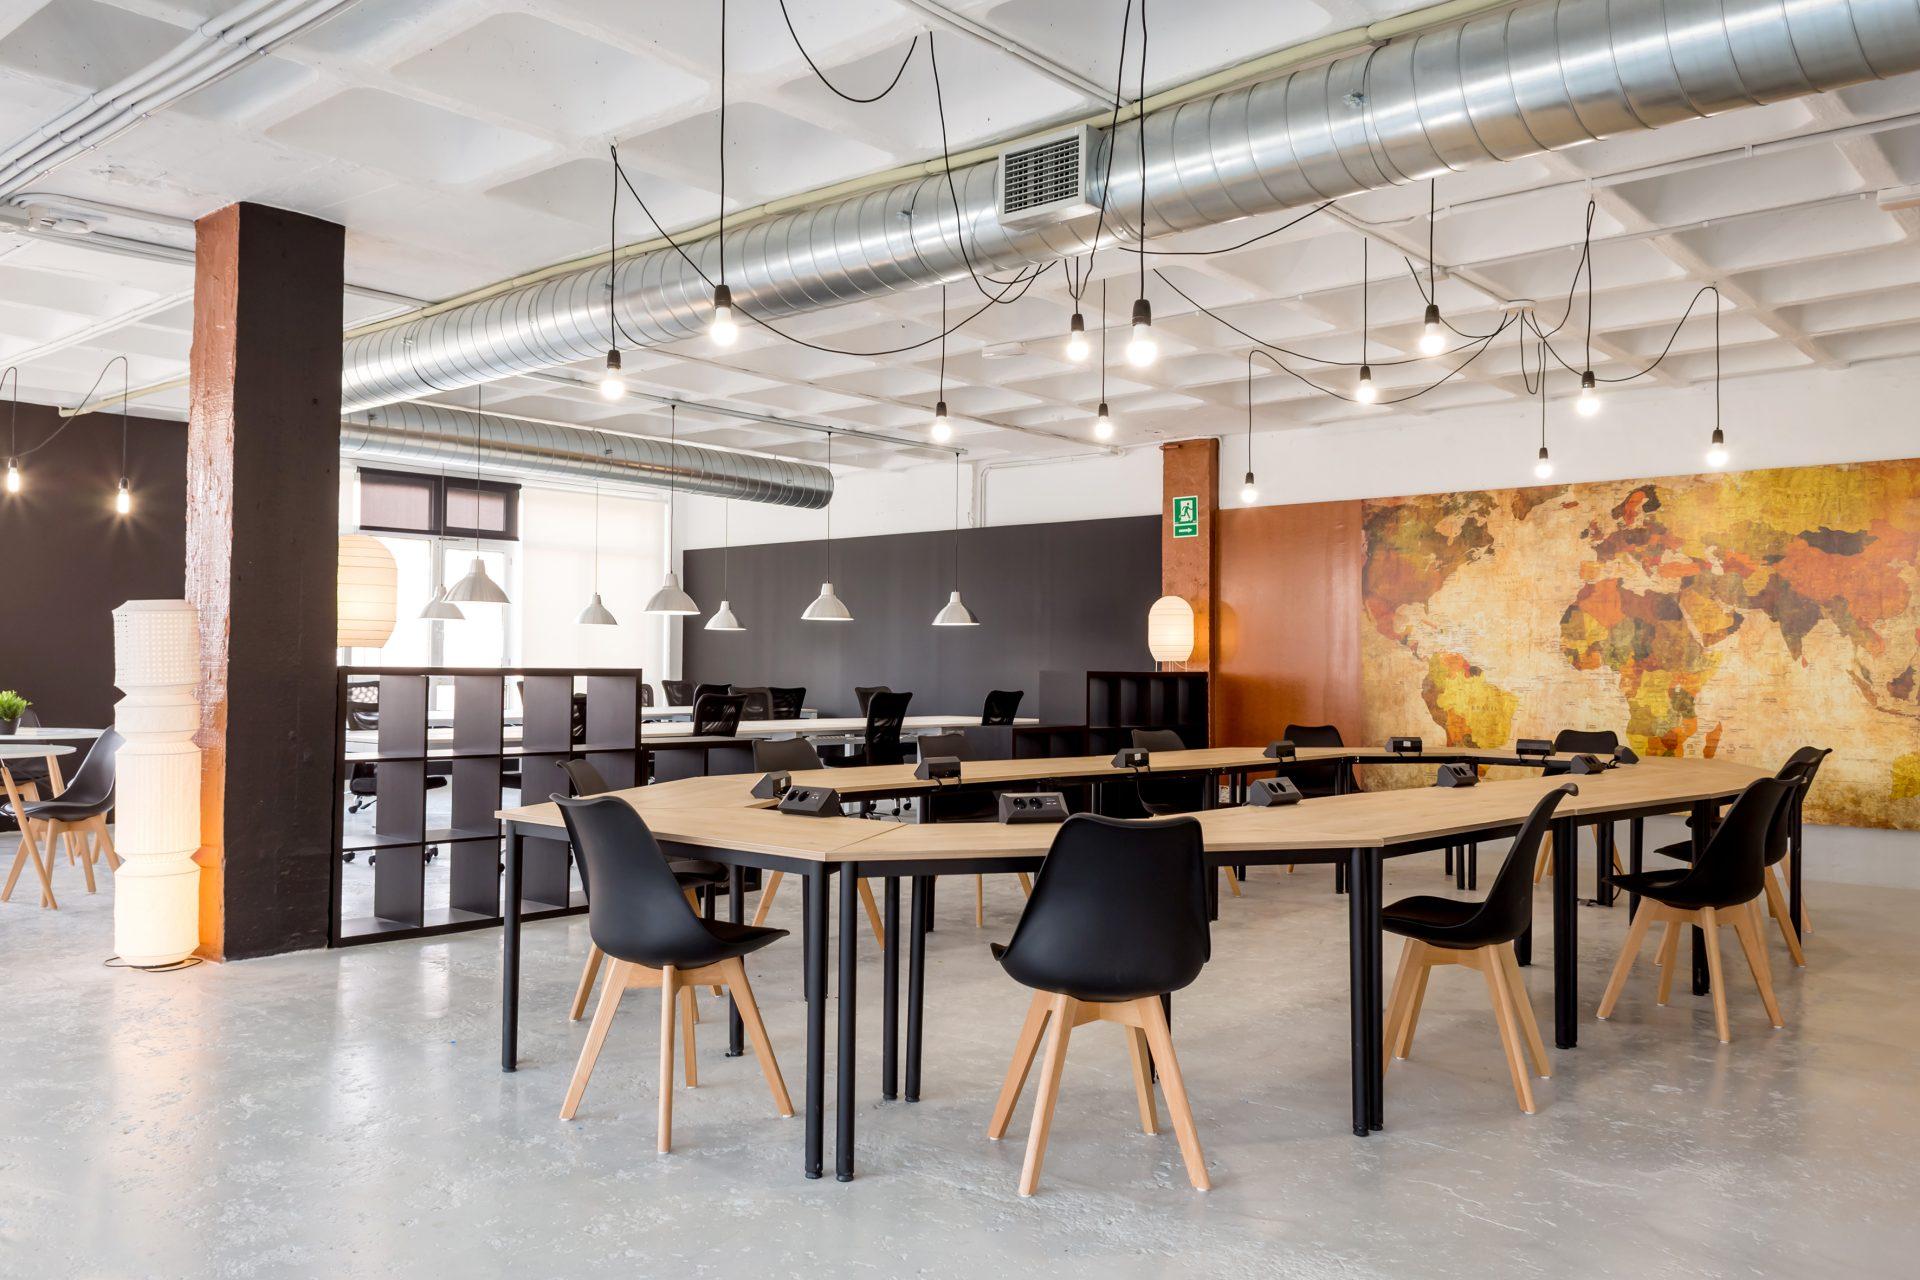 marca-startups-emprendedores-biworking-oficinas-coworking